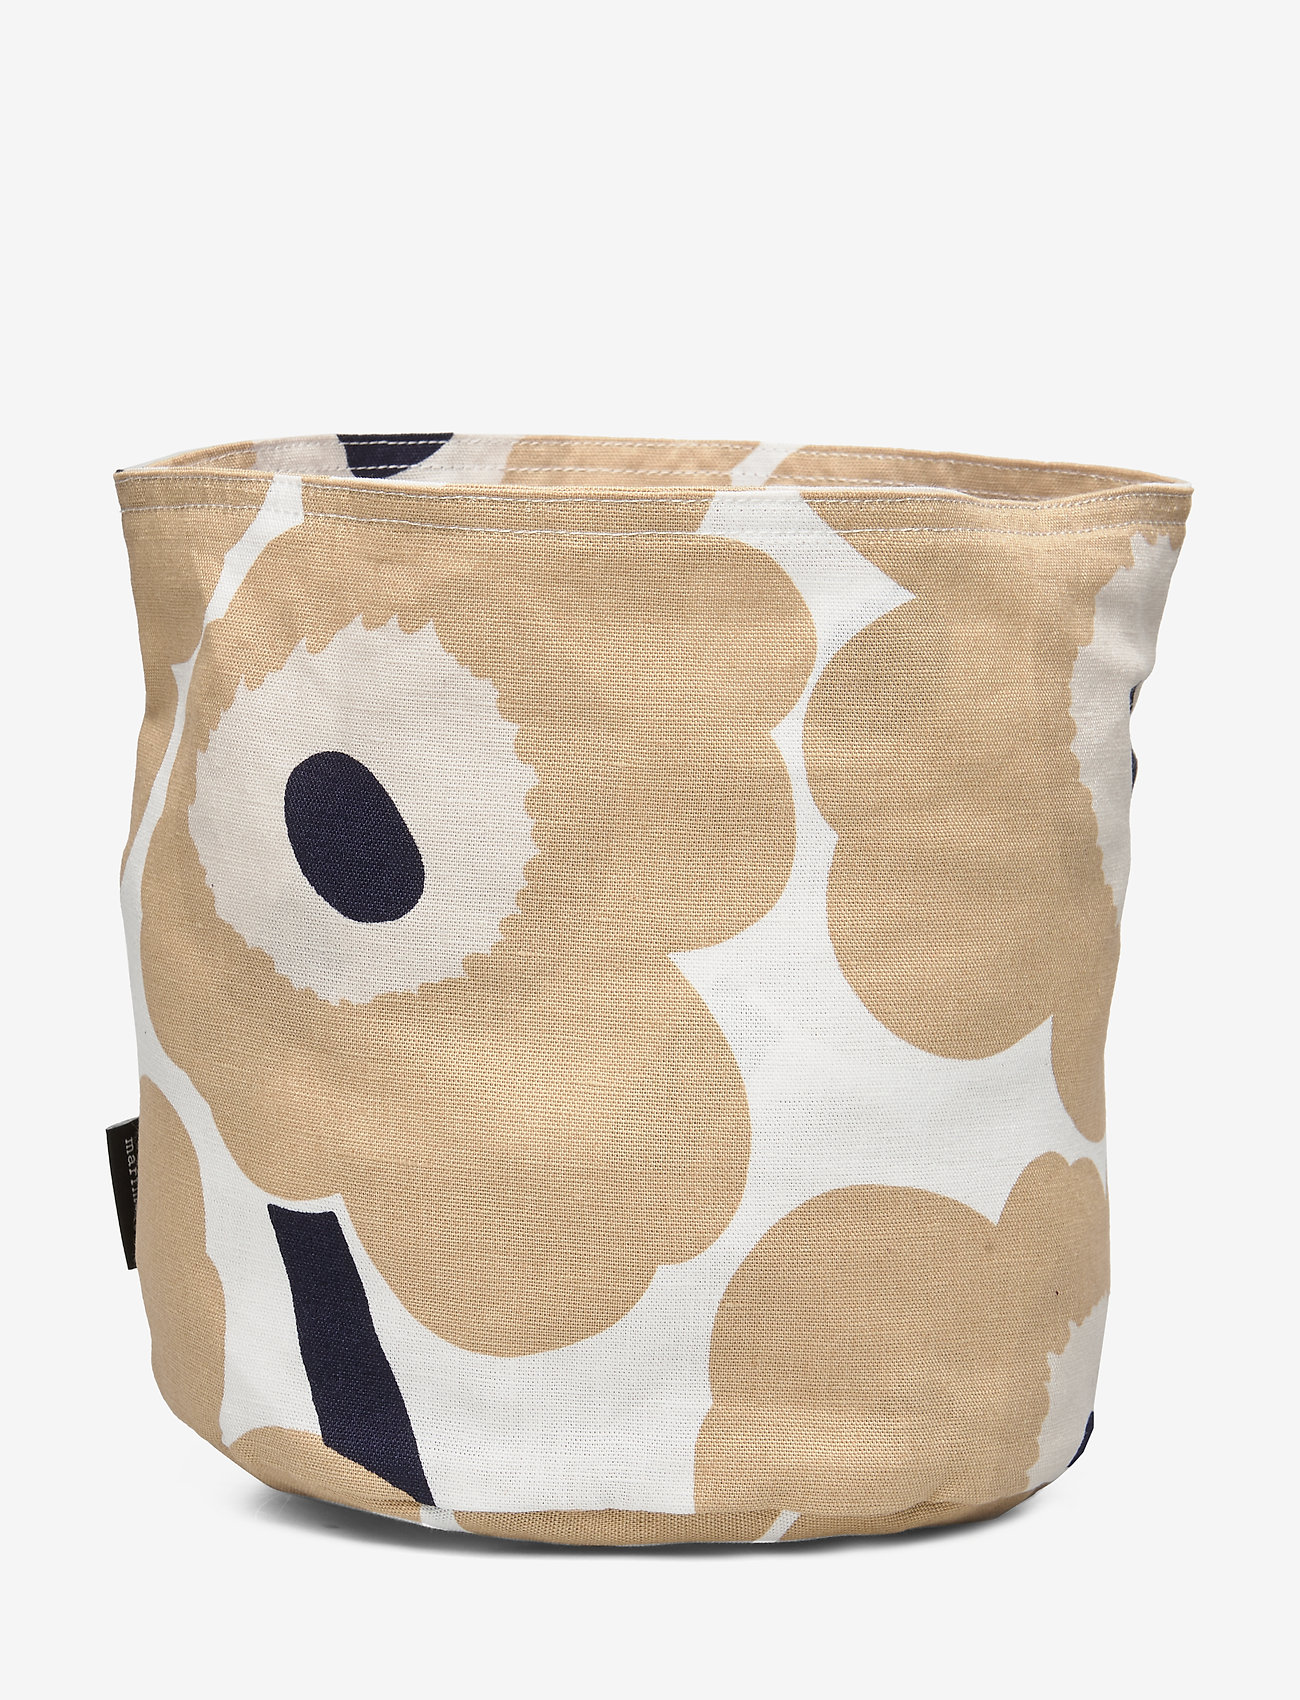 Marimekko Home - PIENI UNIKKO BREAD BASKET - accessories - off-white, beige, dark blue